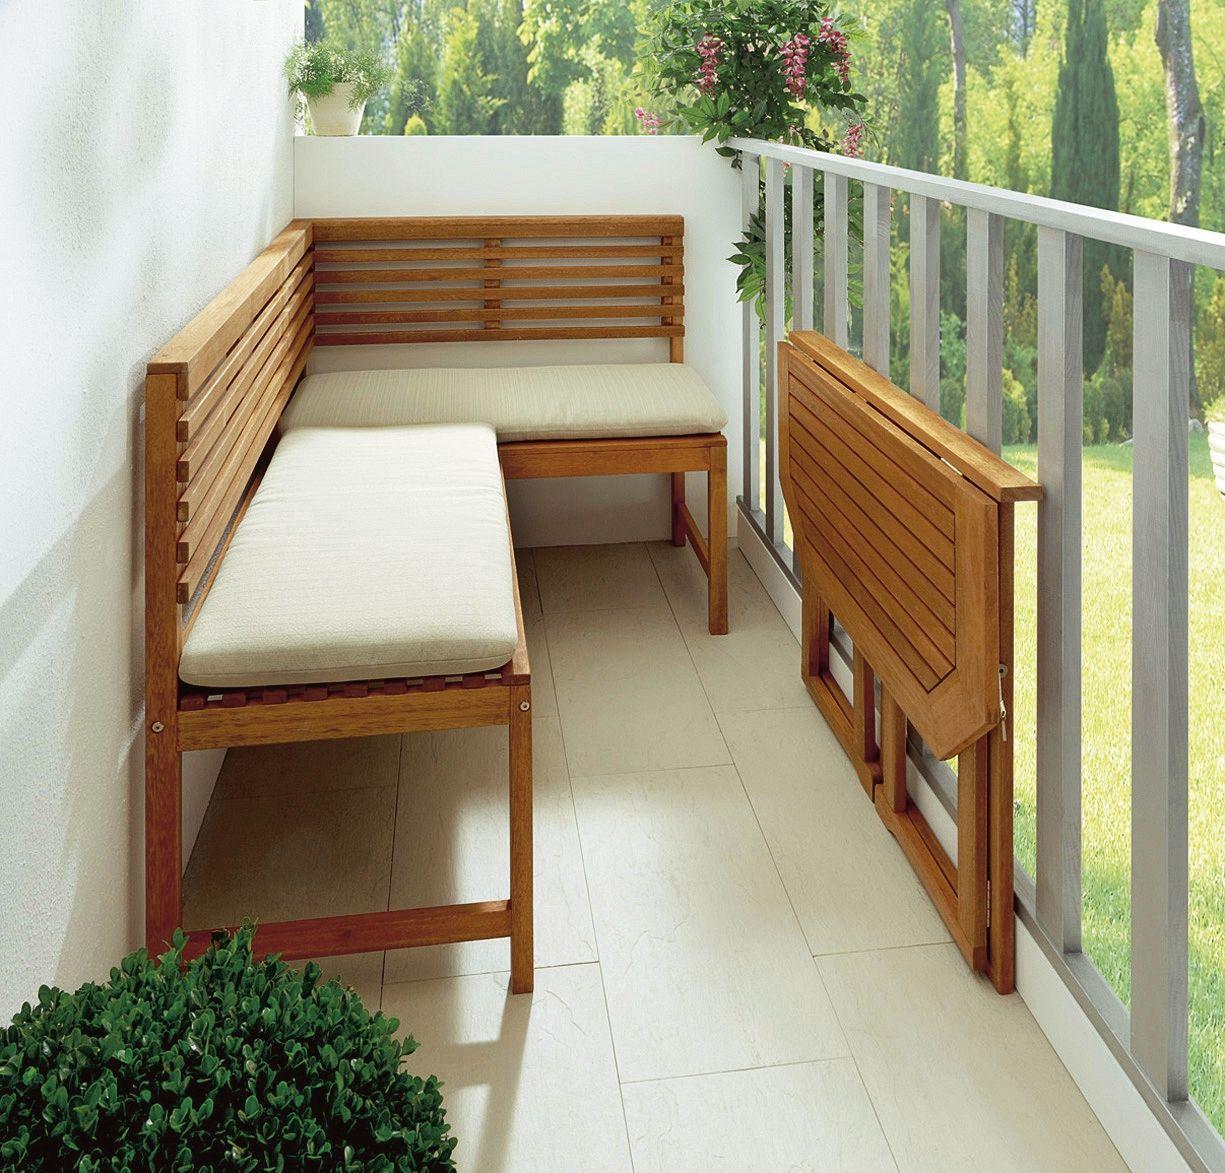 Platzsparende Balkon Mobel In Verschiedenen Ausfuhrungen Wohnung Balkon Dekoration Balkon Kleiner Balkon Design